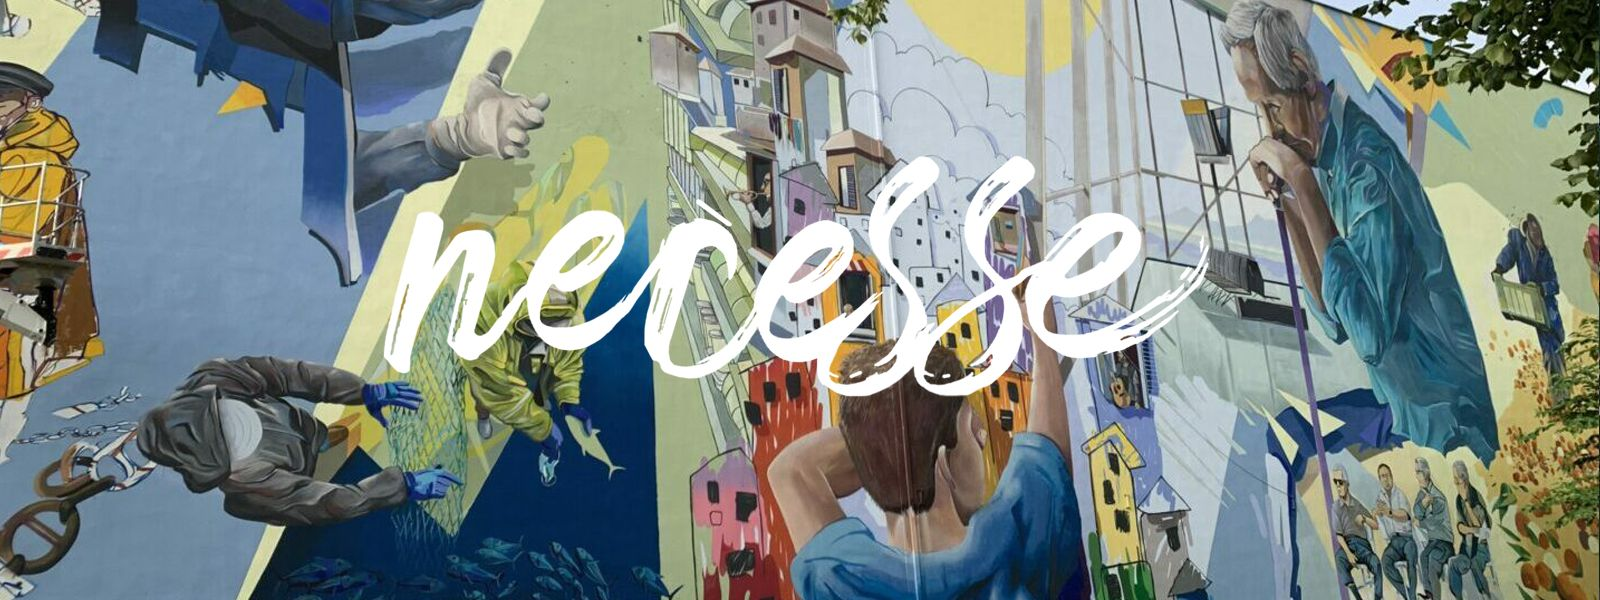 NECESSE: inaugurata la grande opera murale